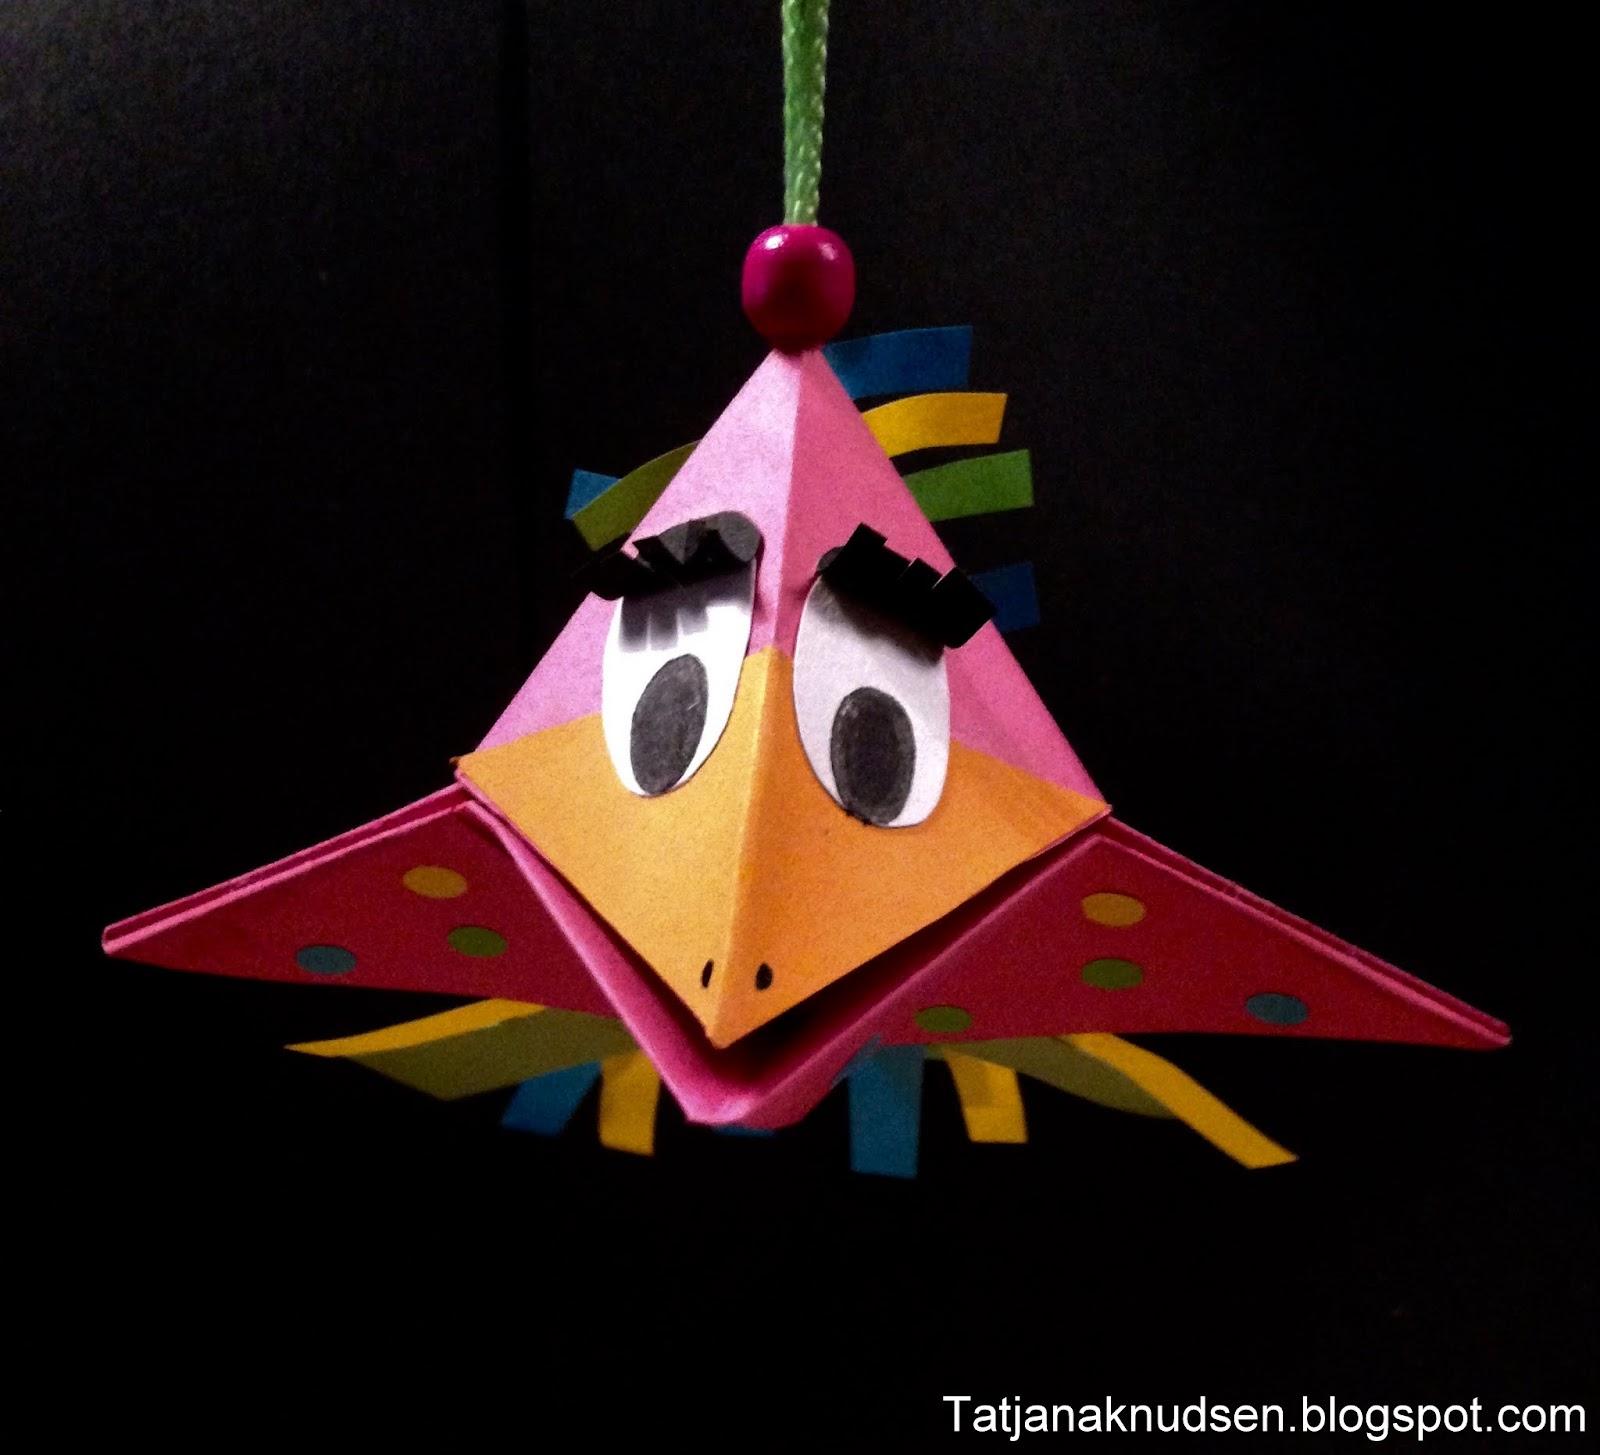 Meet The Creative Part of Me : Nip-nap fugl det er cool.